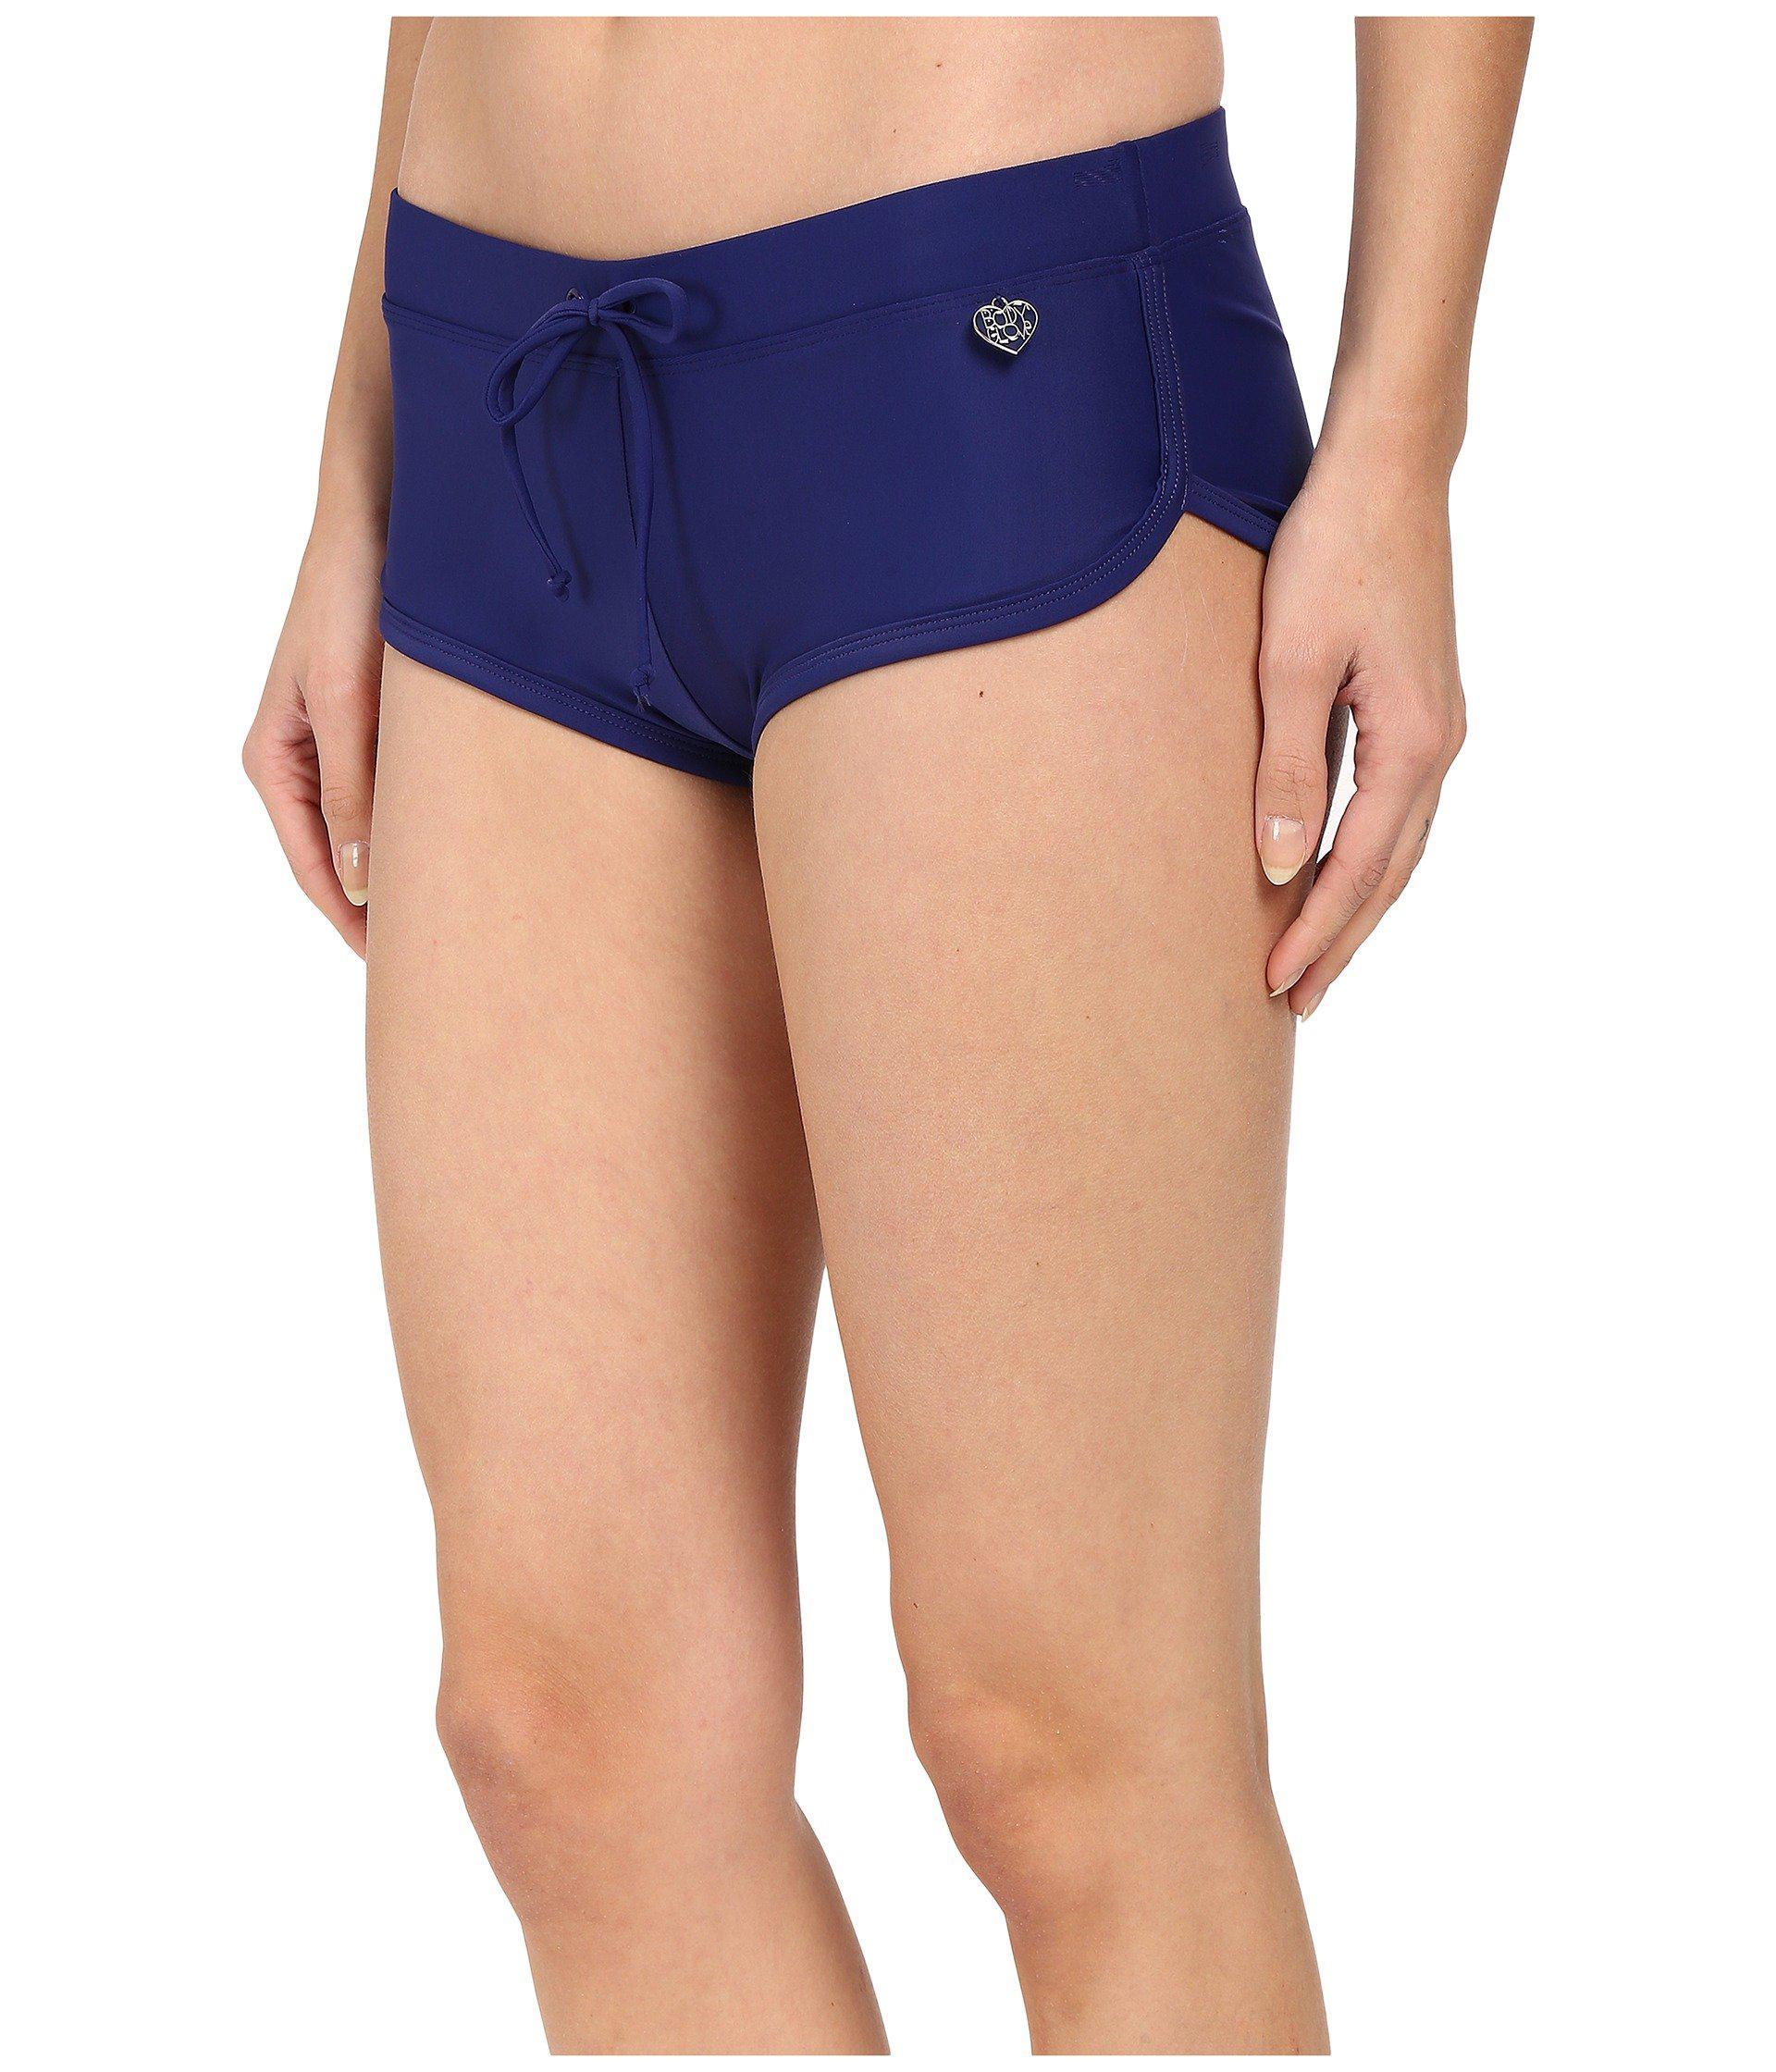 ea077406317f2 Lyst - Body Glove Smoothies Sidekick Sporty Swim Short (abyss) Women s  Swimwear in Blue